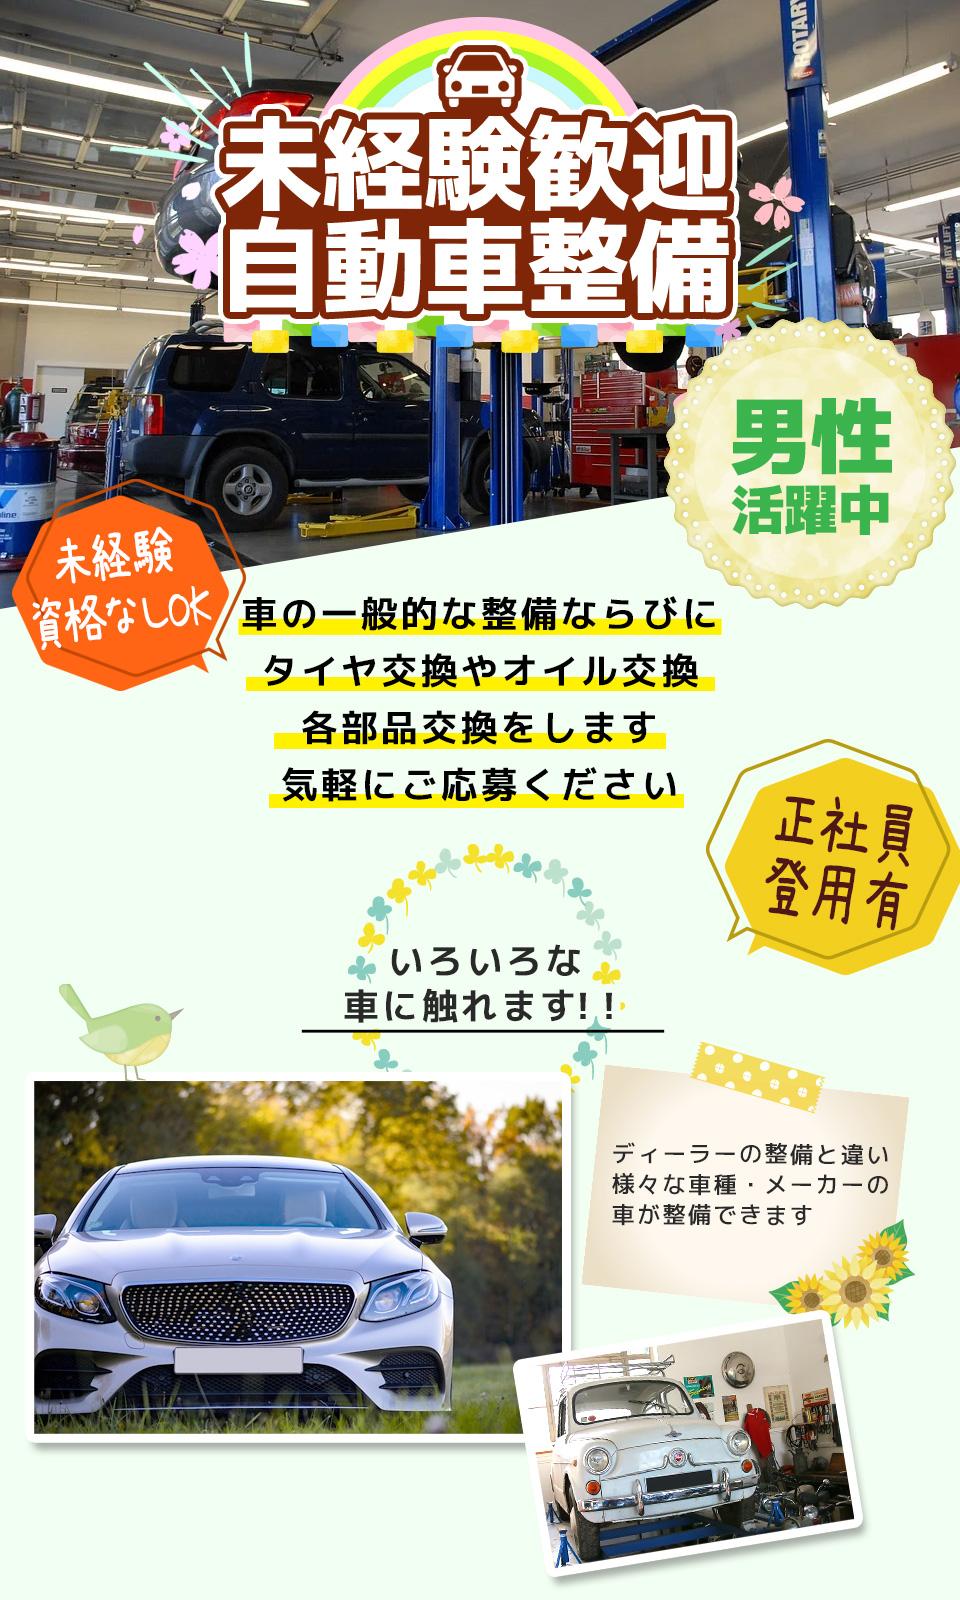 自動車整備 石川県能美市の派遣社員求人